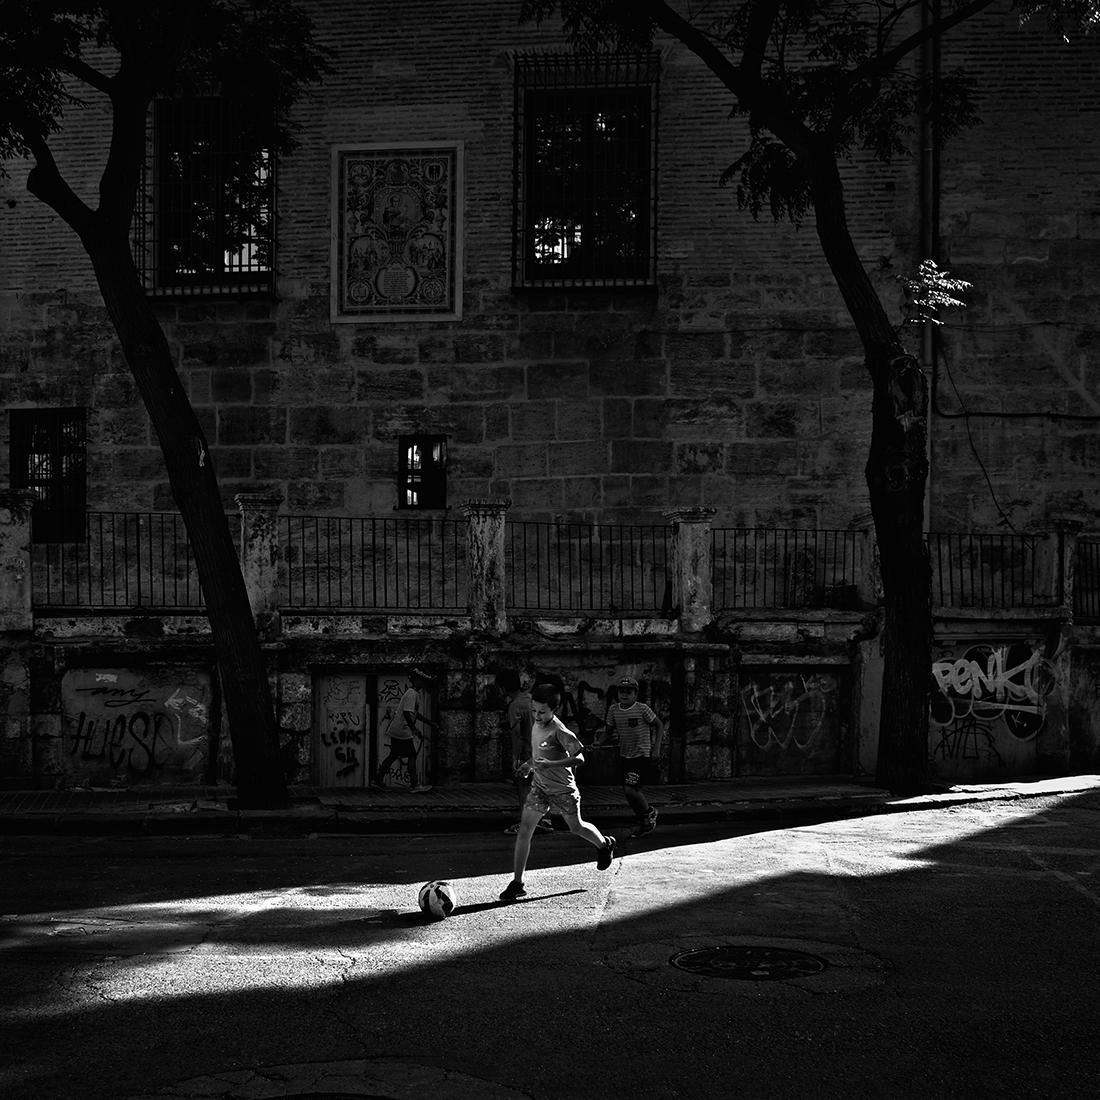 © Ragnar B. Varga: Lost in Spain